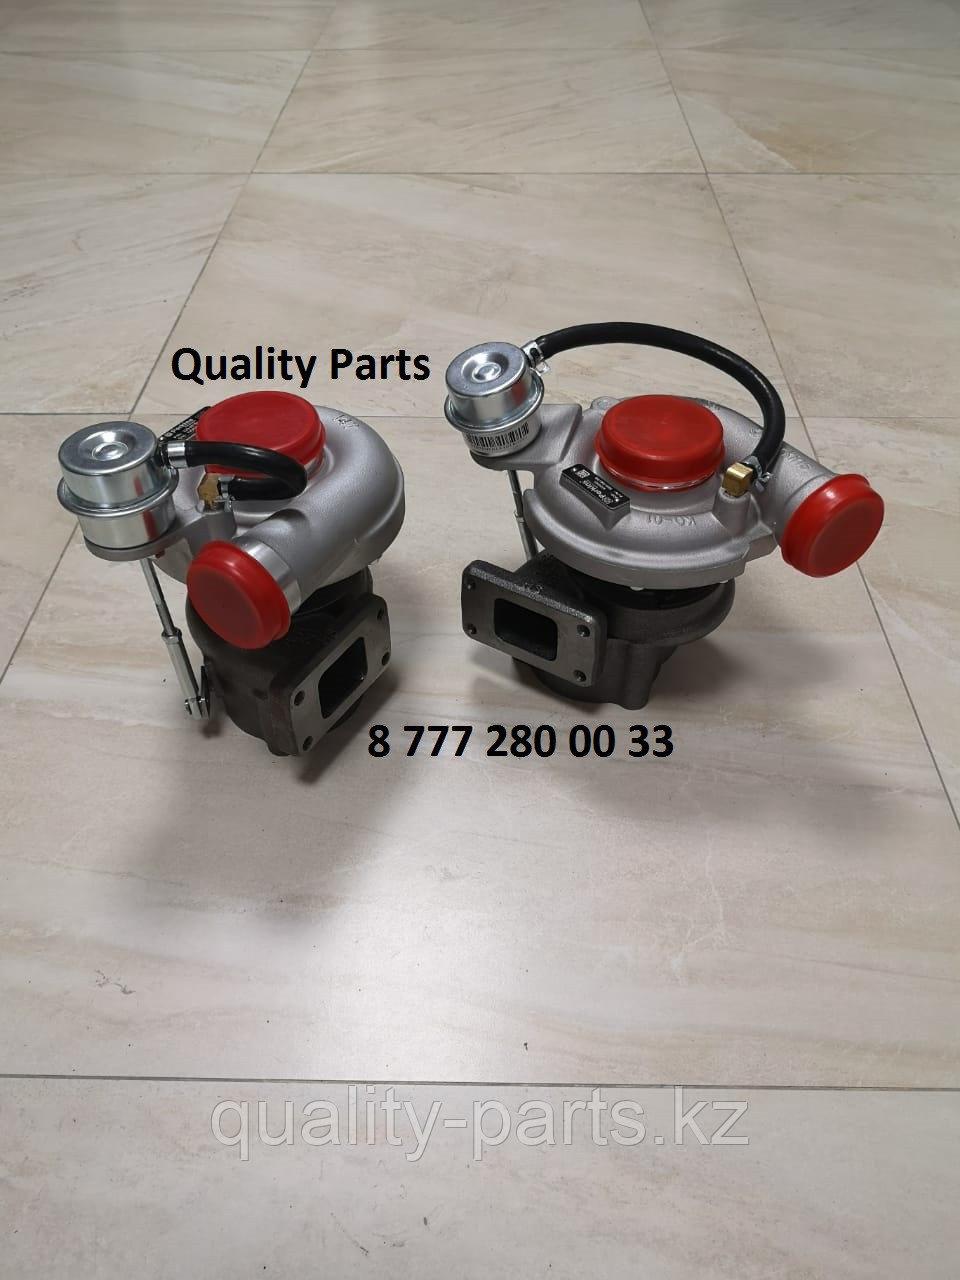 Турбина JCB 3cx Dieselmax 320/06159, 320/06153, 320/06016